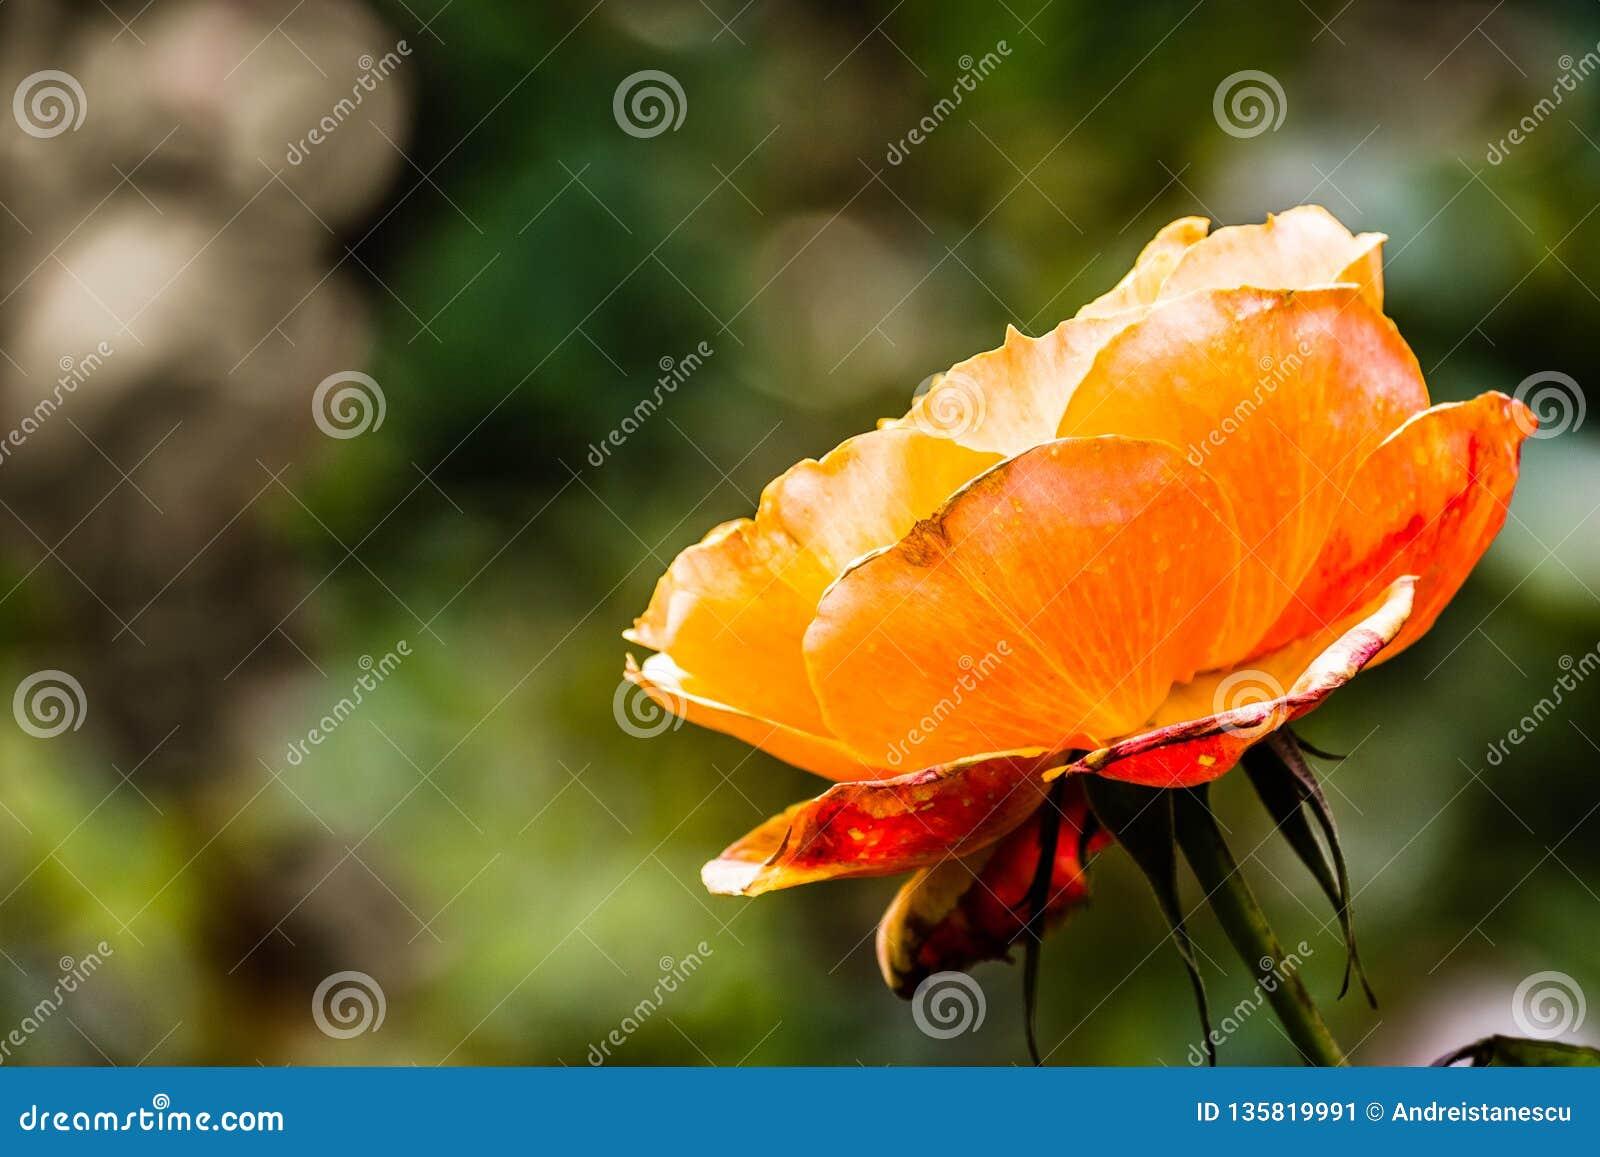 Schließen Sie oben von der orange Rose; unscharfer Hintergrund